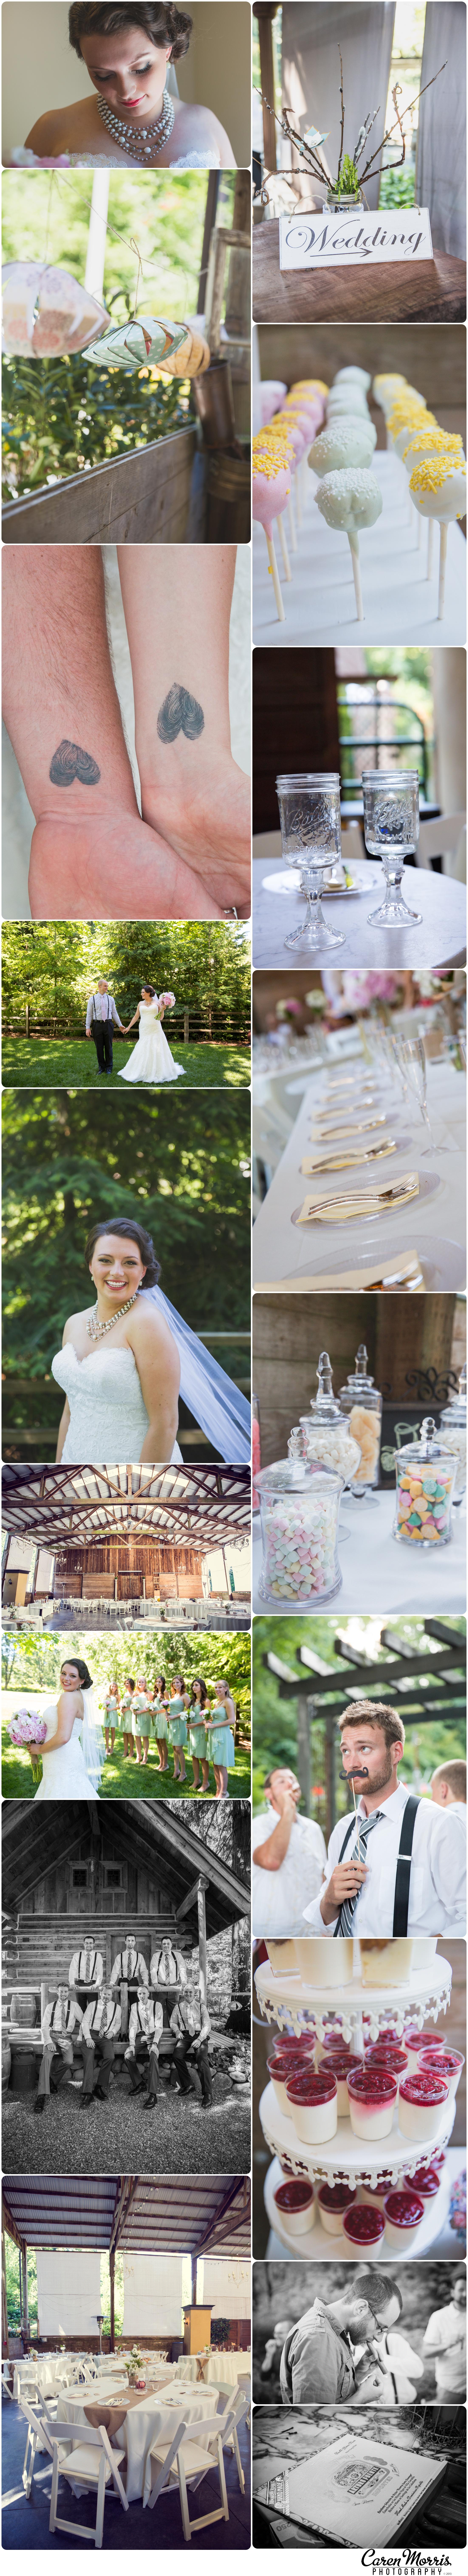 green-gates-flowing-lake-wedding-11.jpg